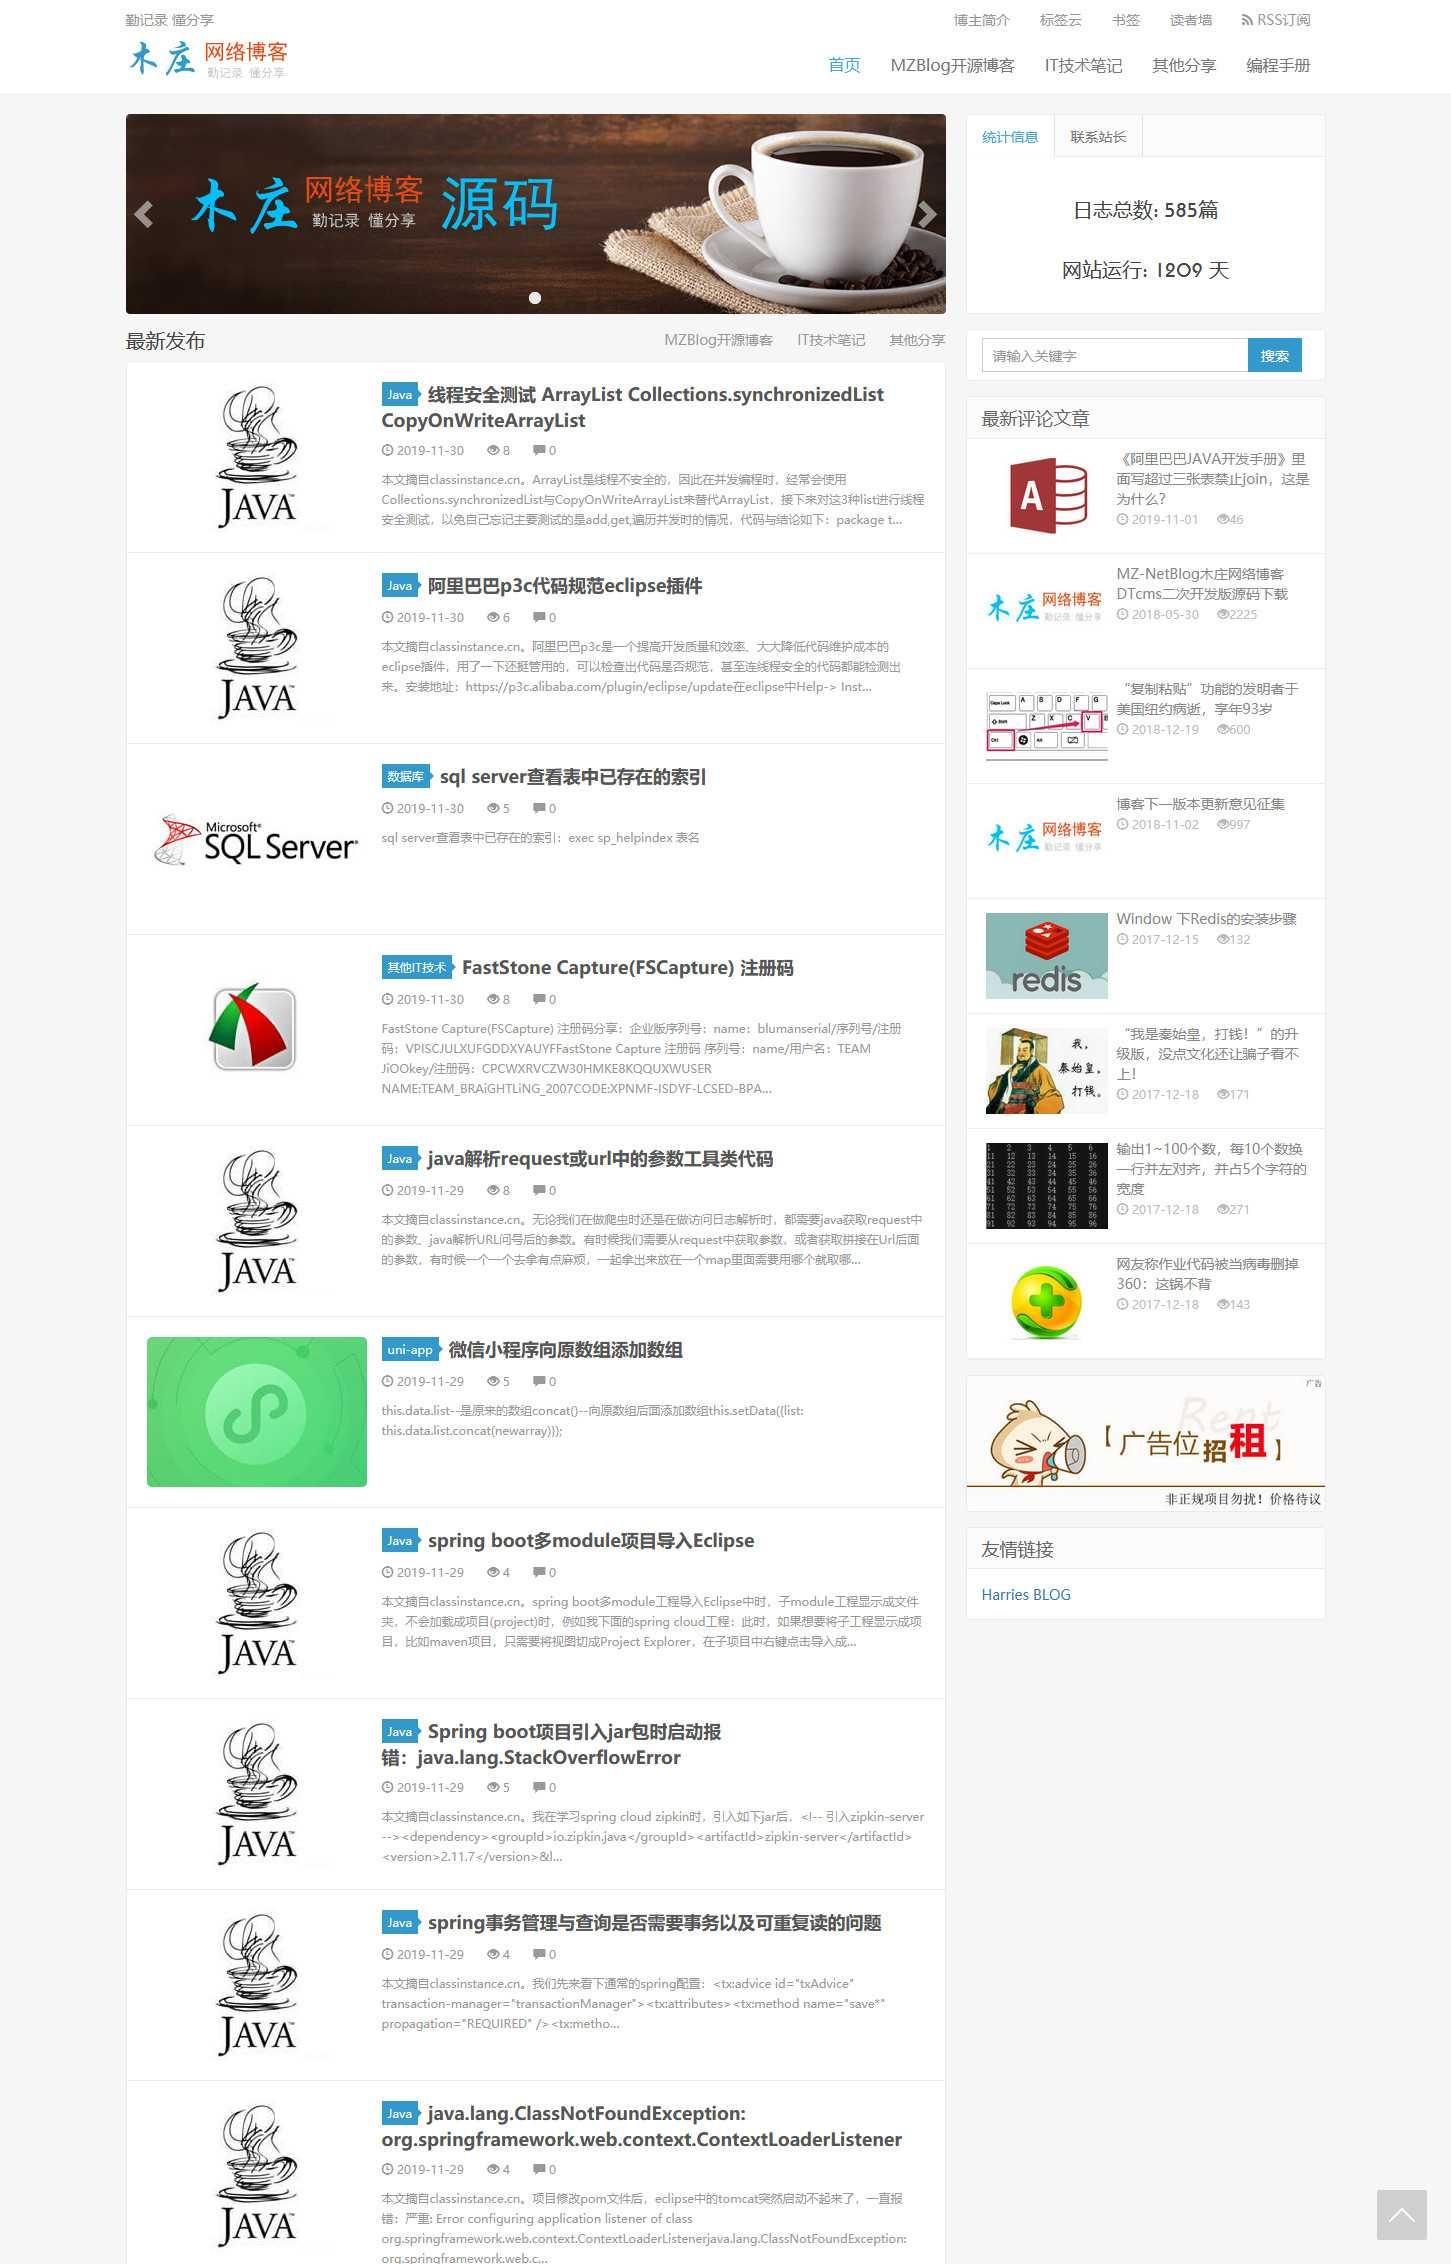 木庄网络博客前台全站静态模板